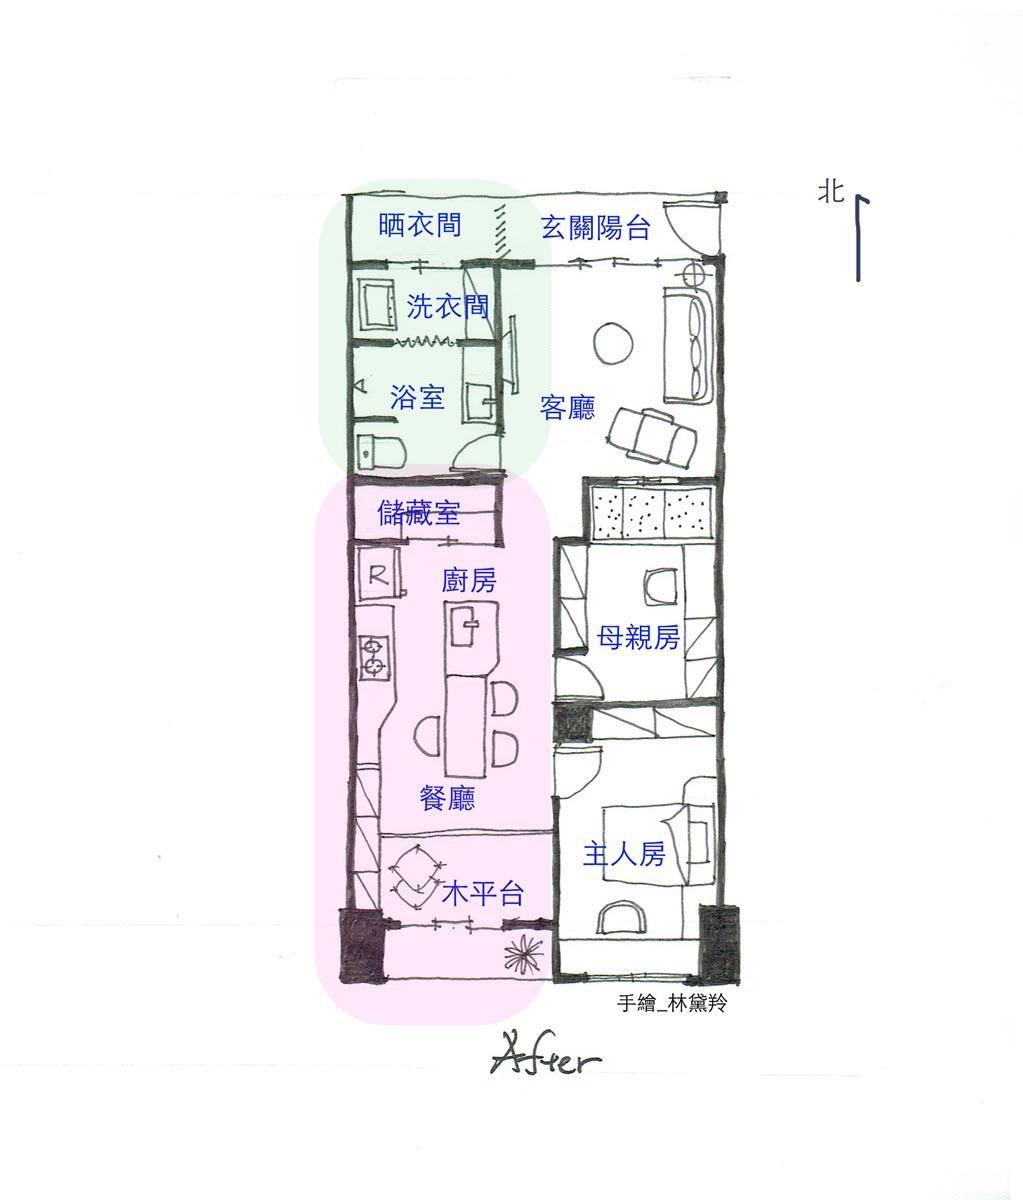 改造後: 紅色區塊代表廚房與起居室連成一氣,綠色區塊則是浴室跟洗衣、曬衣的動線統一了。